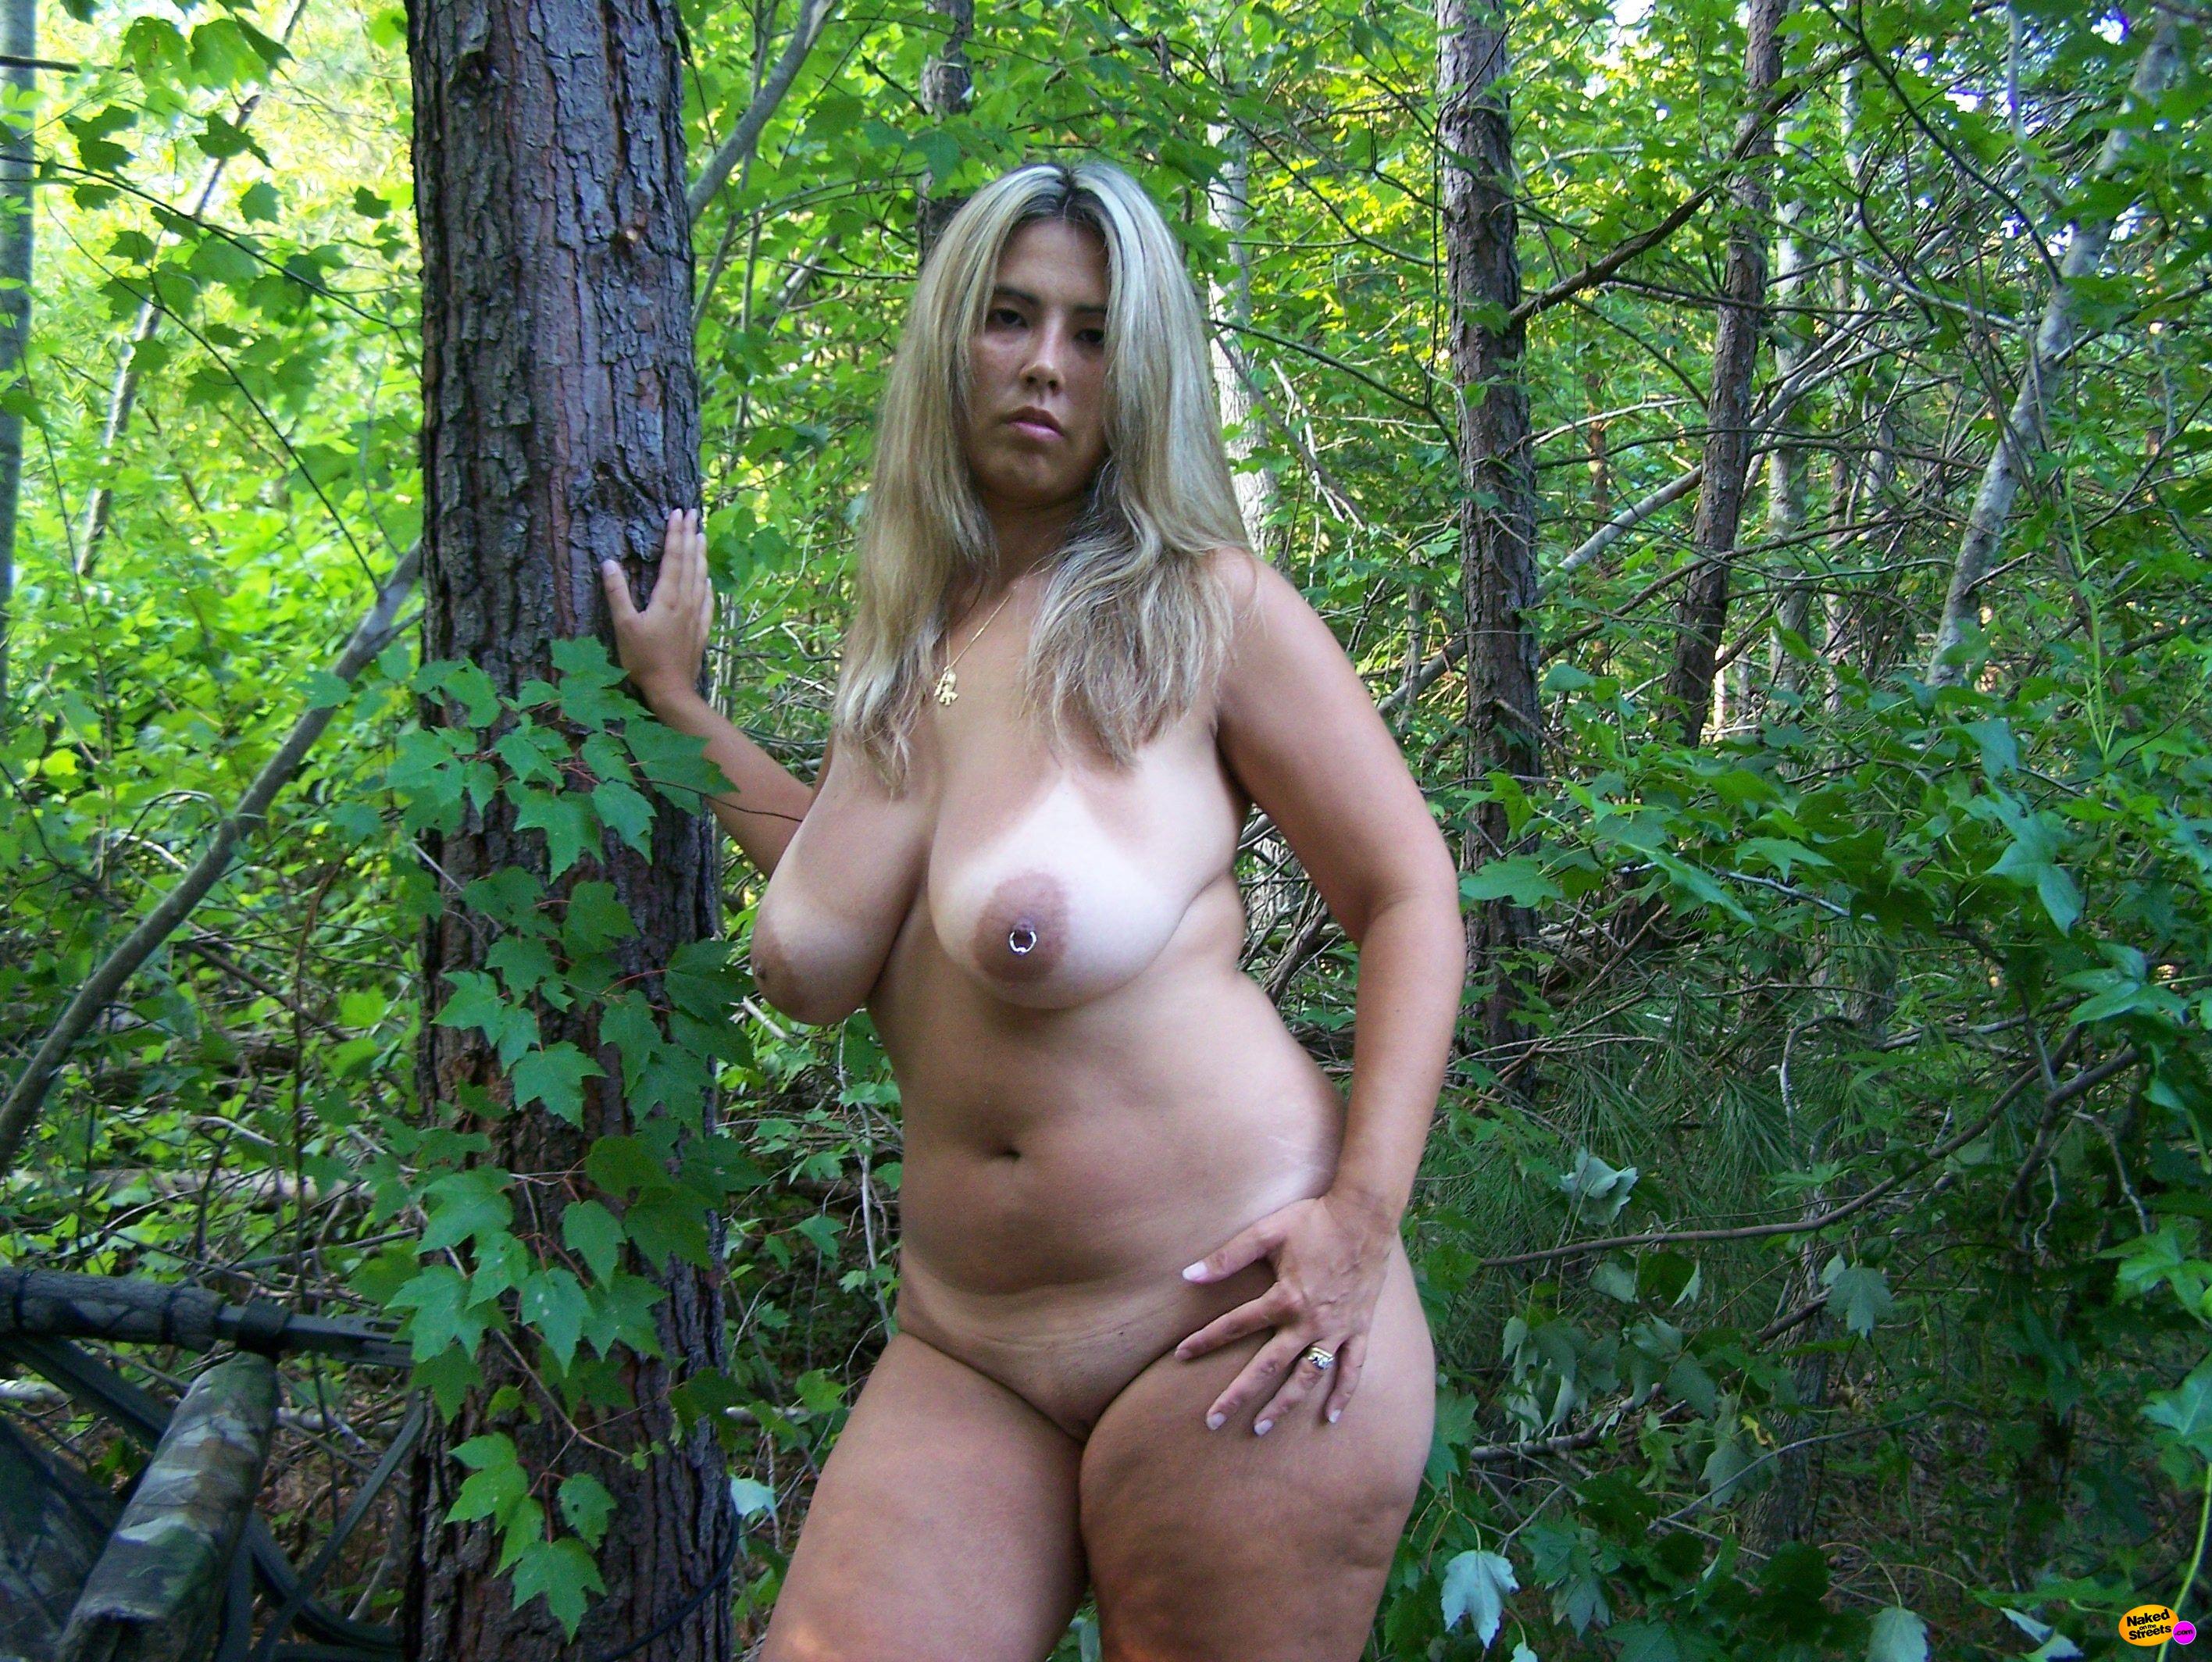 Тети за 30 голые, Женщинам за 30 хочется безудержного секса - секс порно 16 фотография